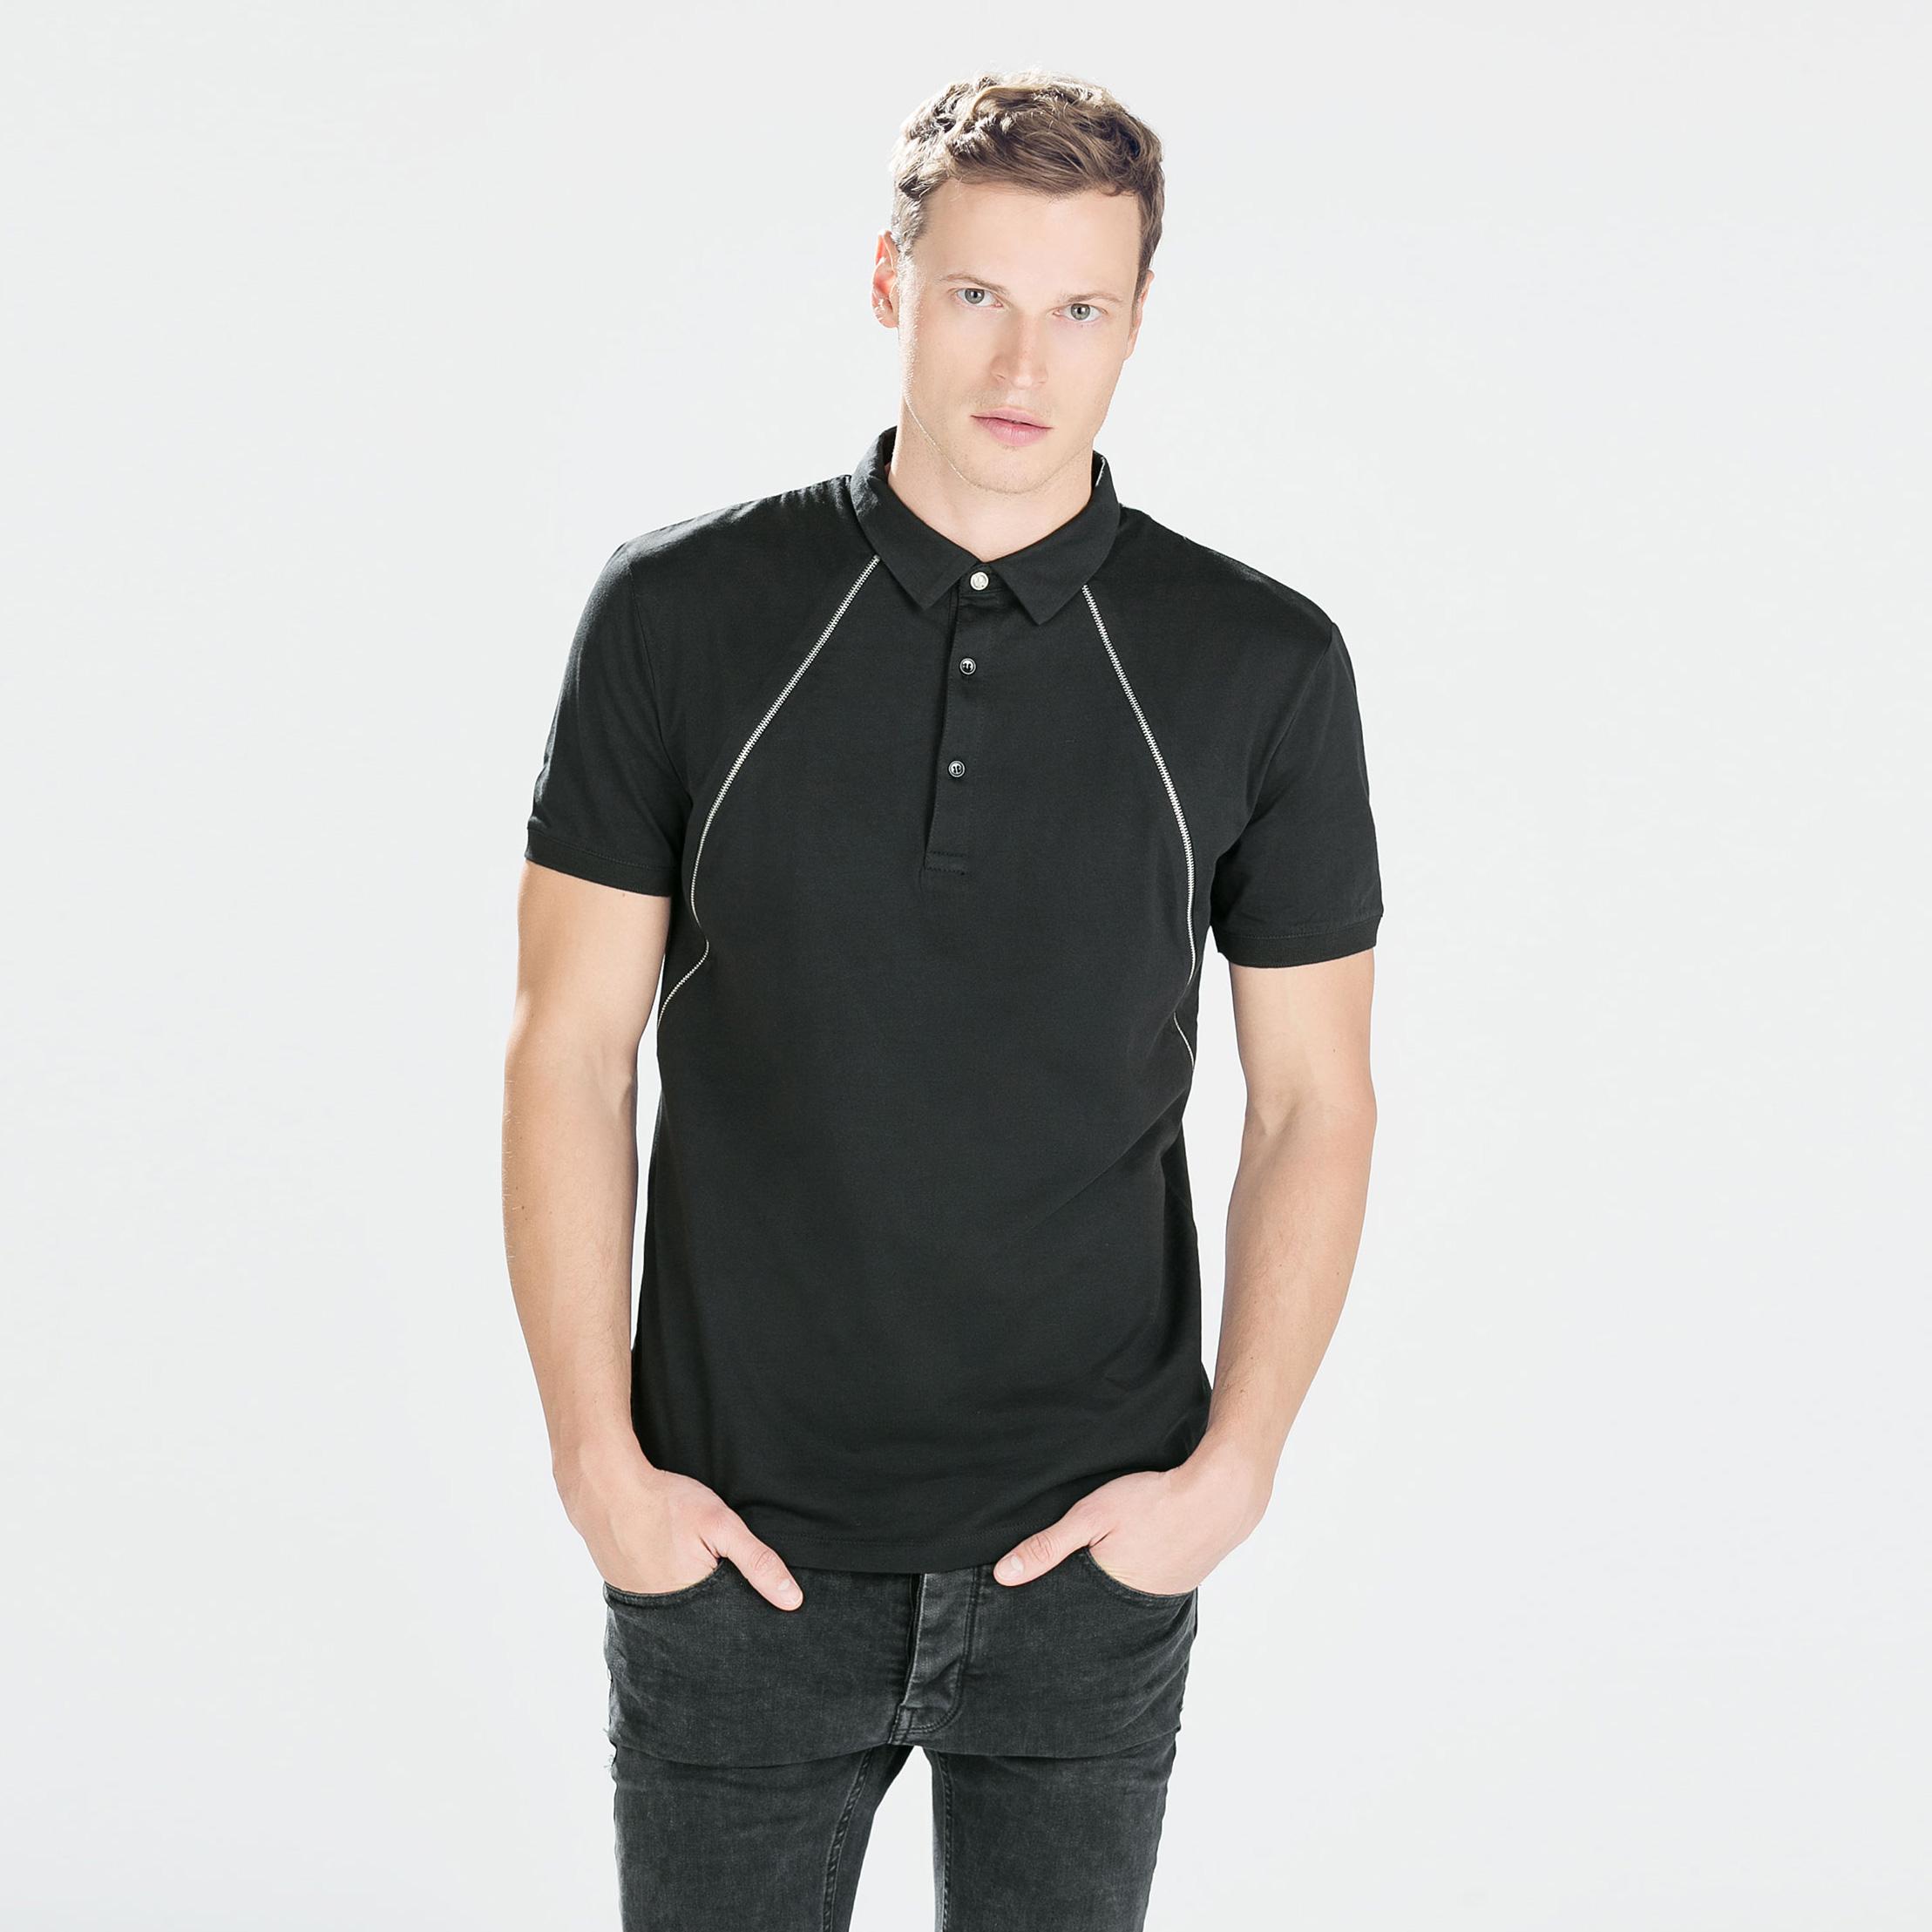 Рубашка поло a90345 Polo A074-3